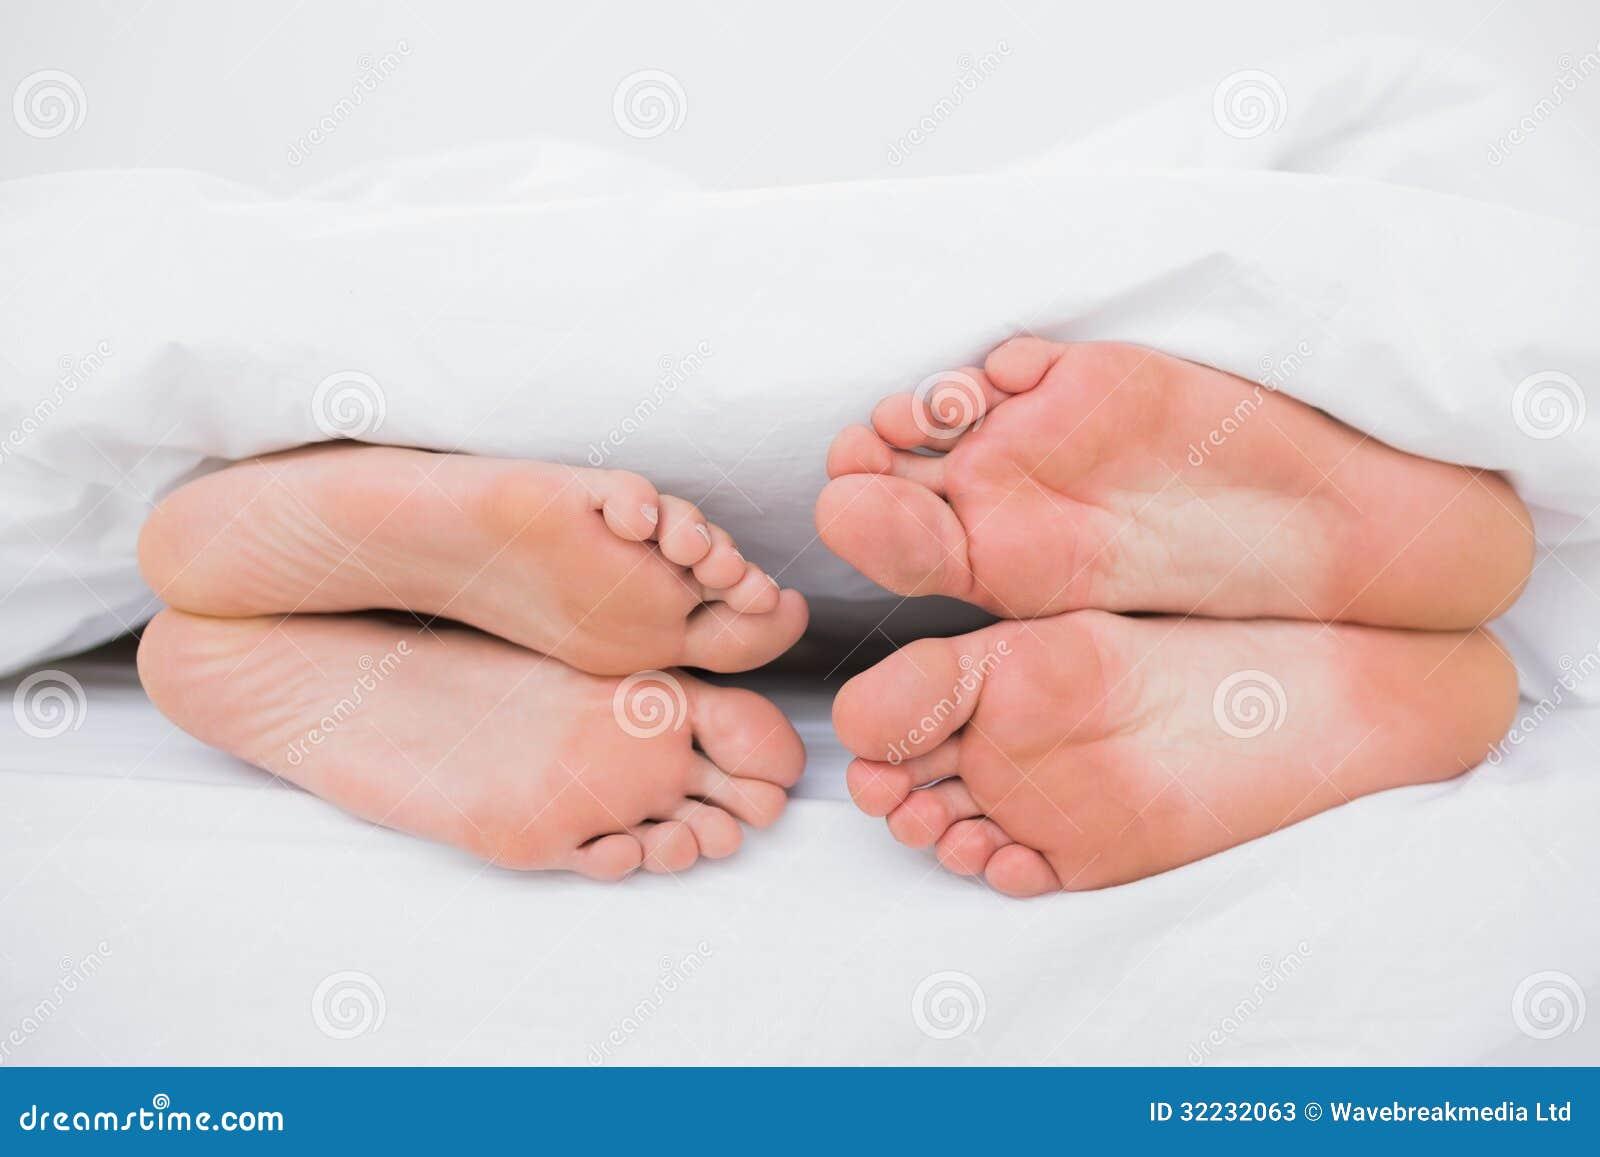 Фото ног в кровате 27 фотография